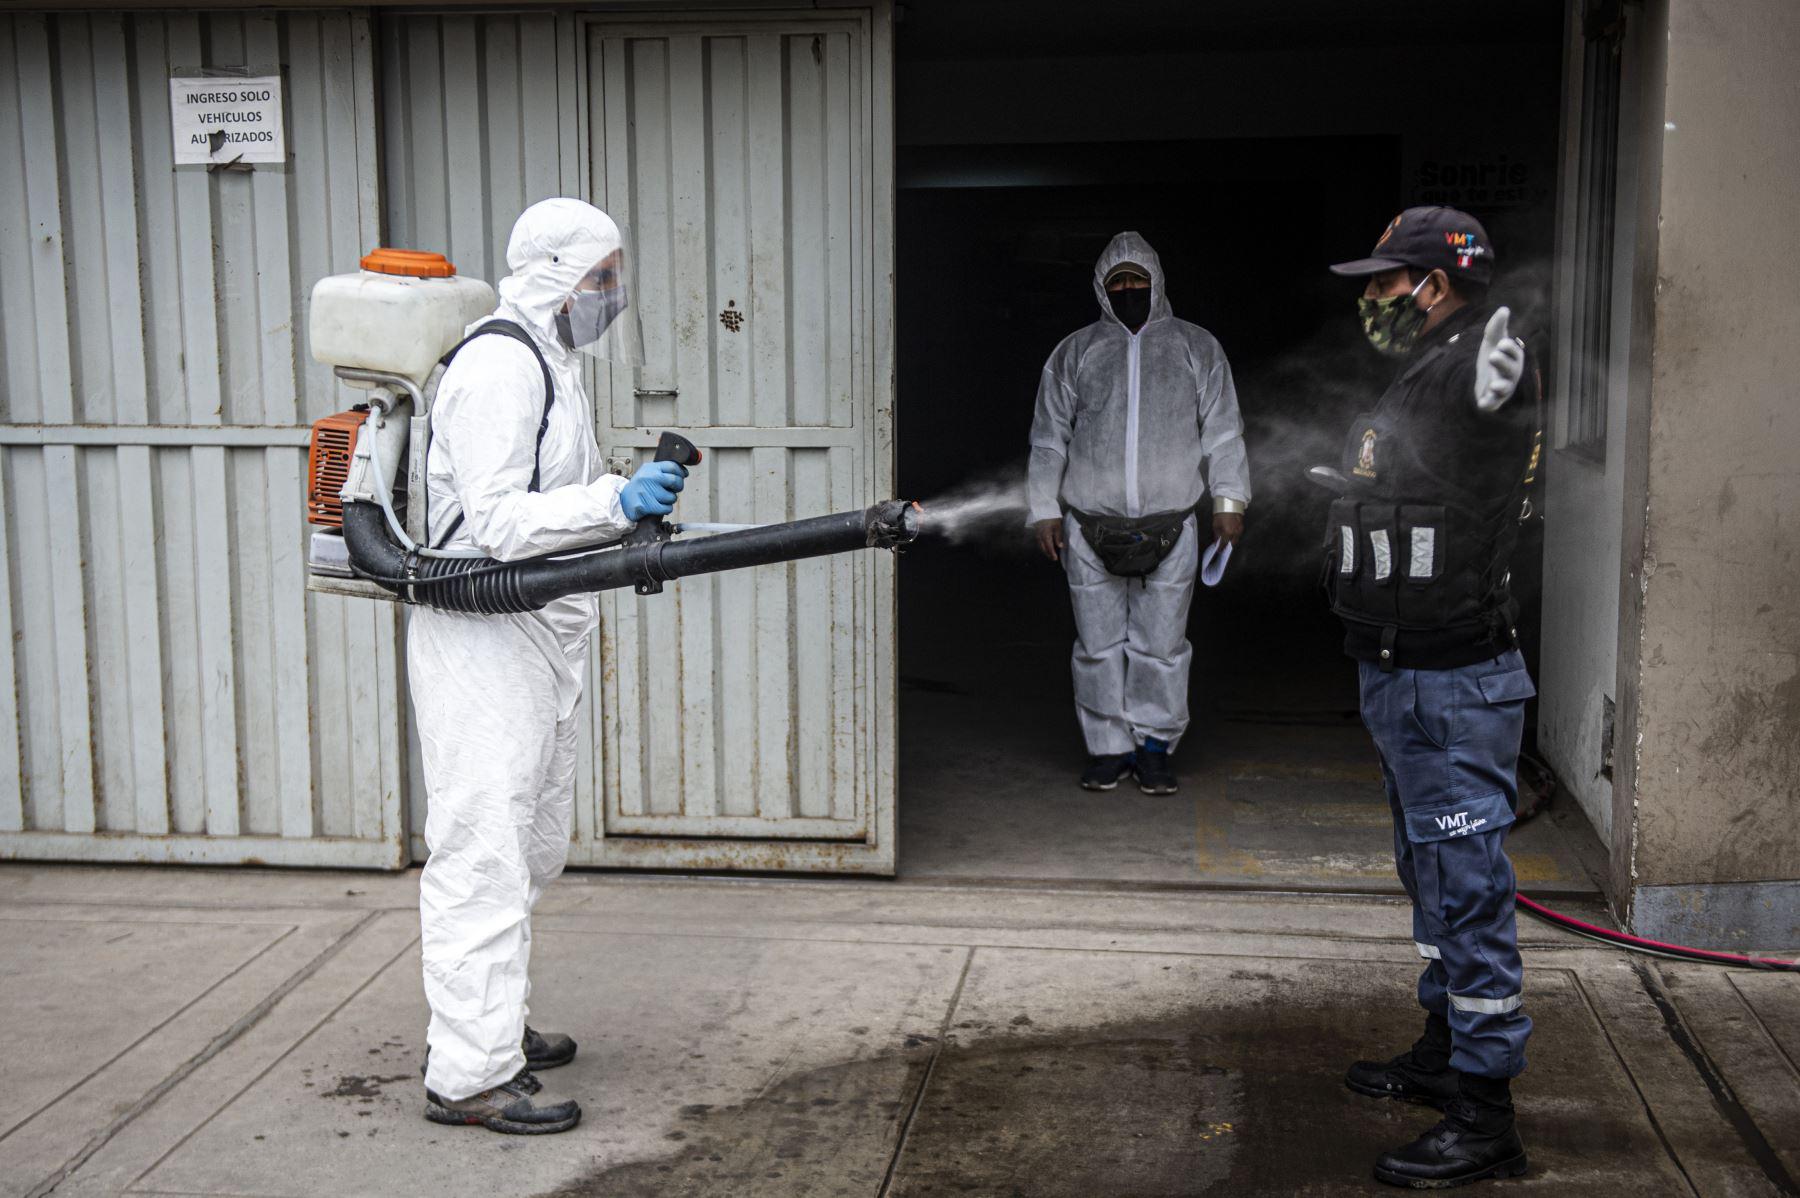 Un trabajador municipal desinfecta a un guardia de seguridad en Villa María del Triunfo. Foto: AFP